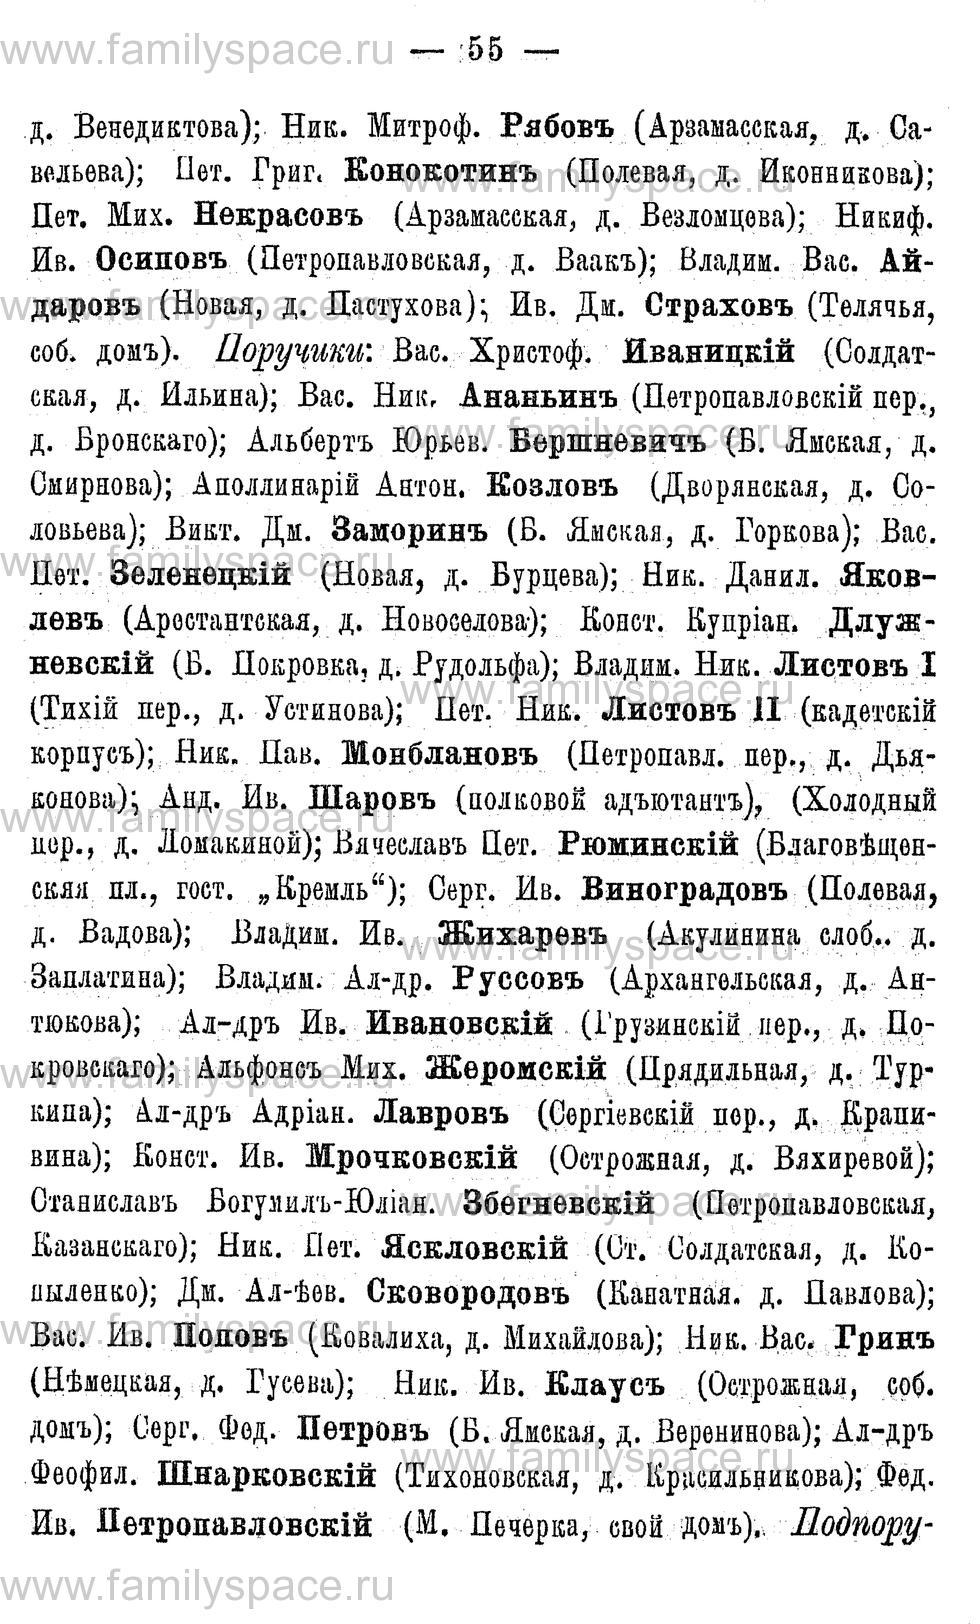 Поиск по фамилии - Адрес-календарь Нижегородской губернии на 1891 год, страница 55